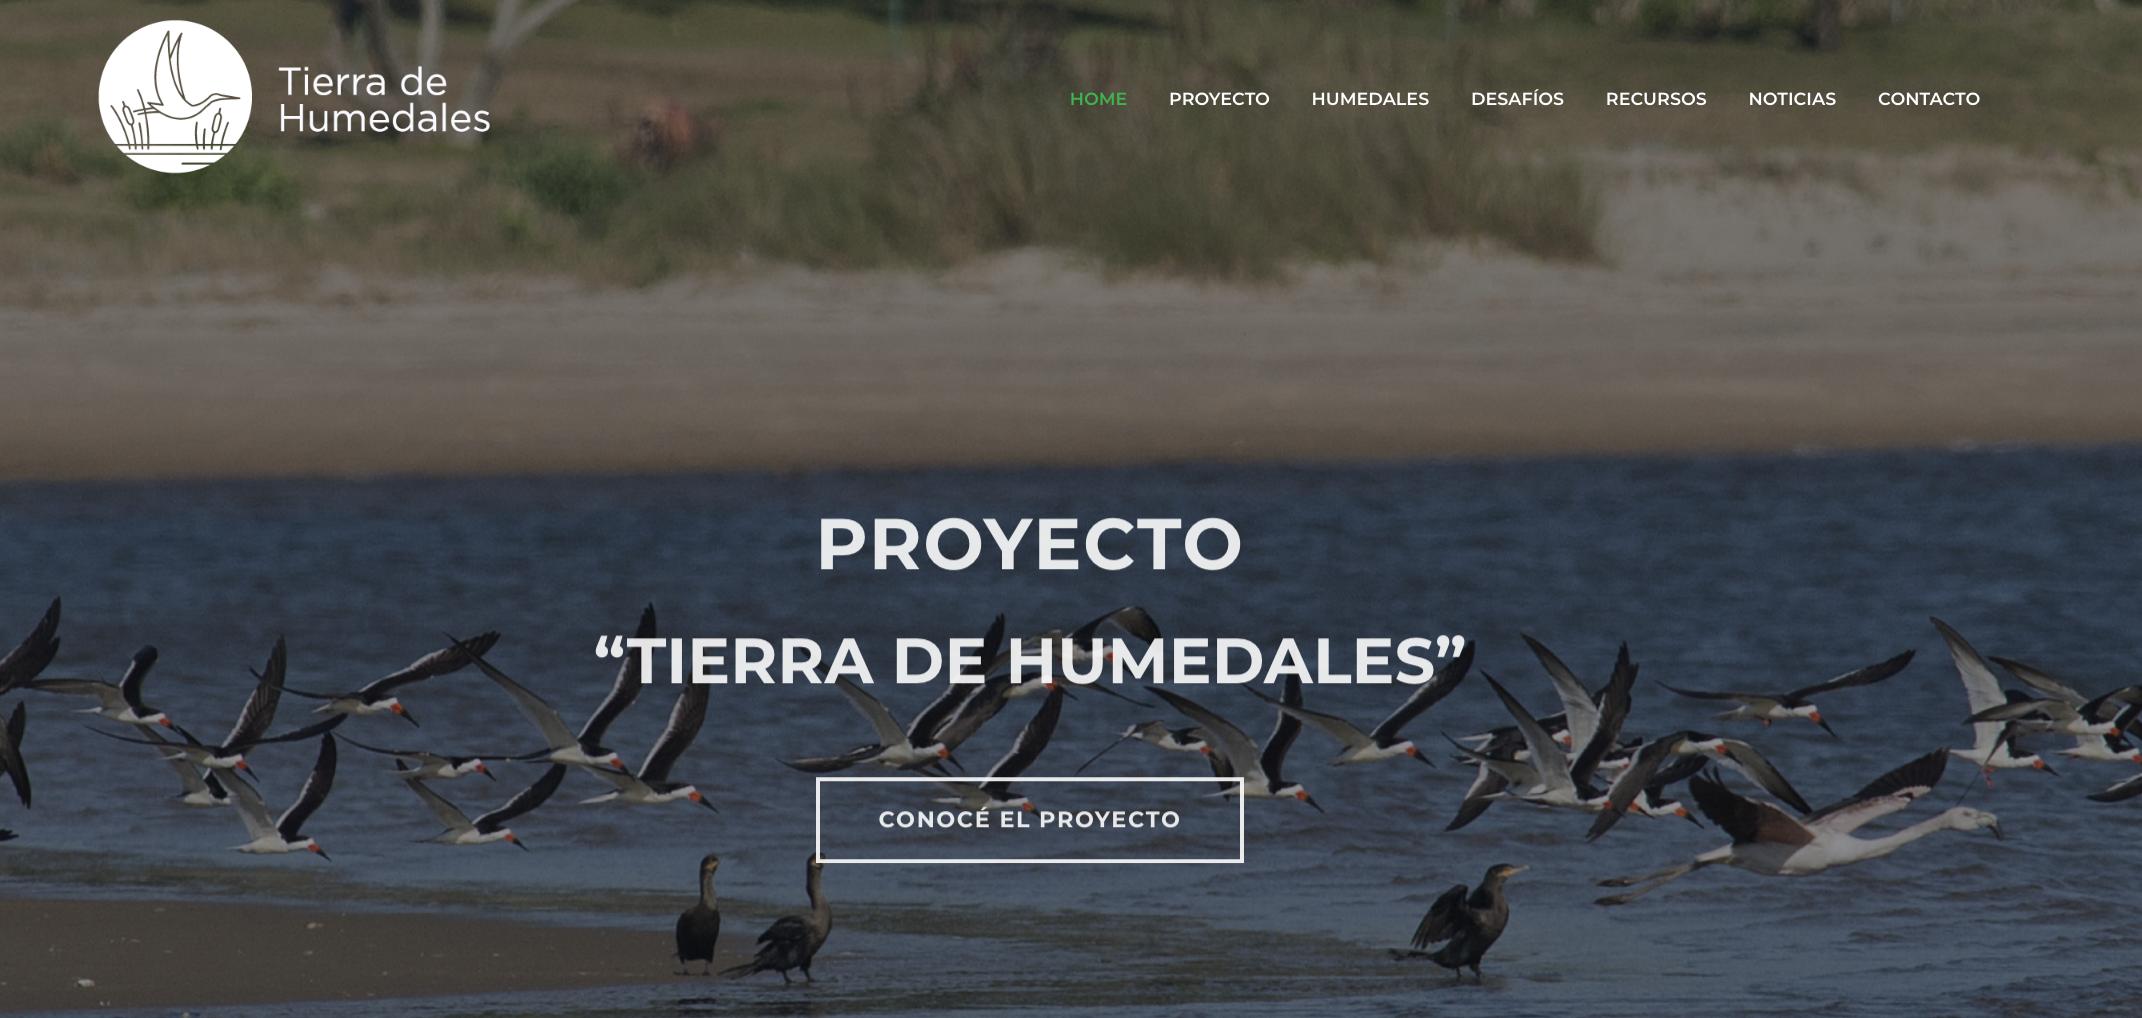 Lanzamiento del sitio web de Tierra de Humedales